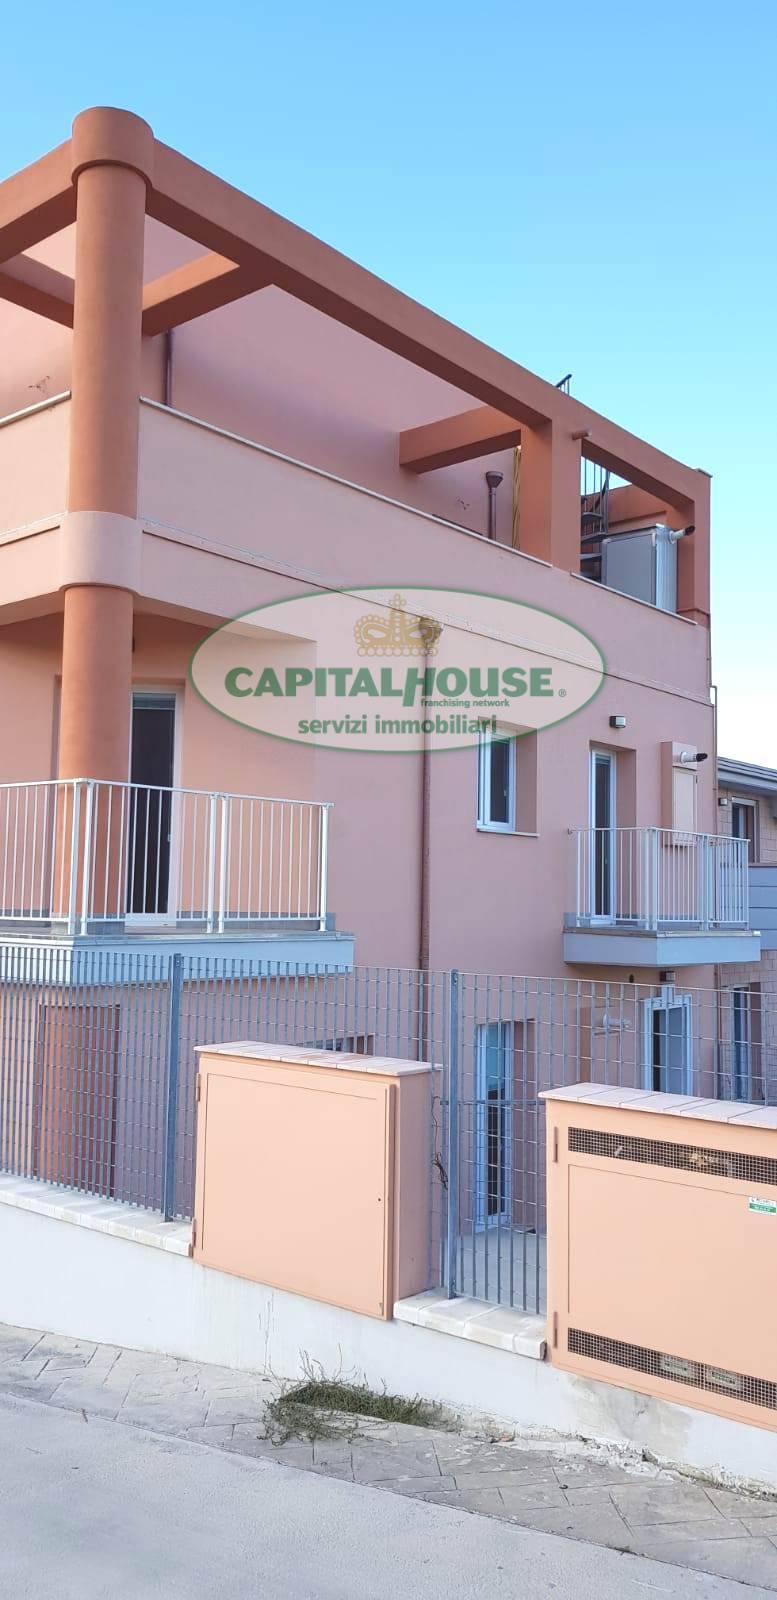 Appartamento in affitto a Salza Irpina, 3 locali, prezzo € 380 | CambioCasa.it